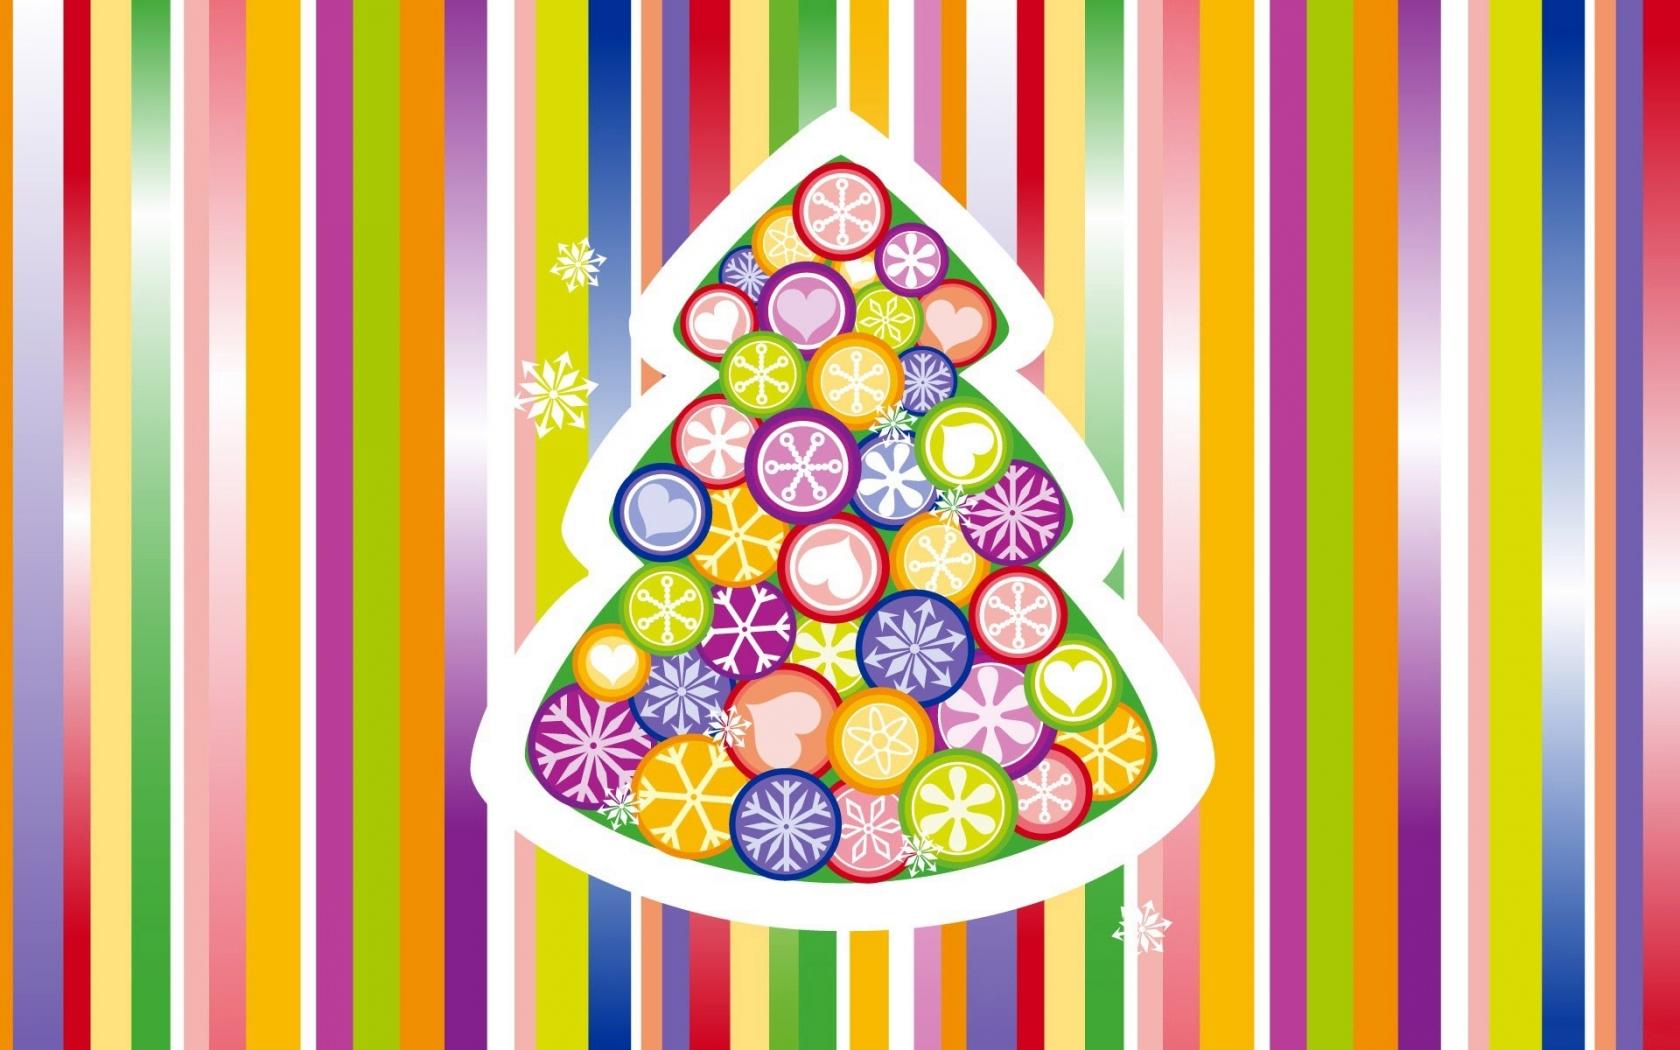 Arbol de navidad multicolor - 1680x1050